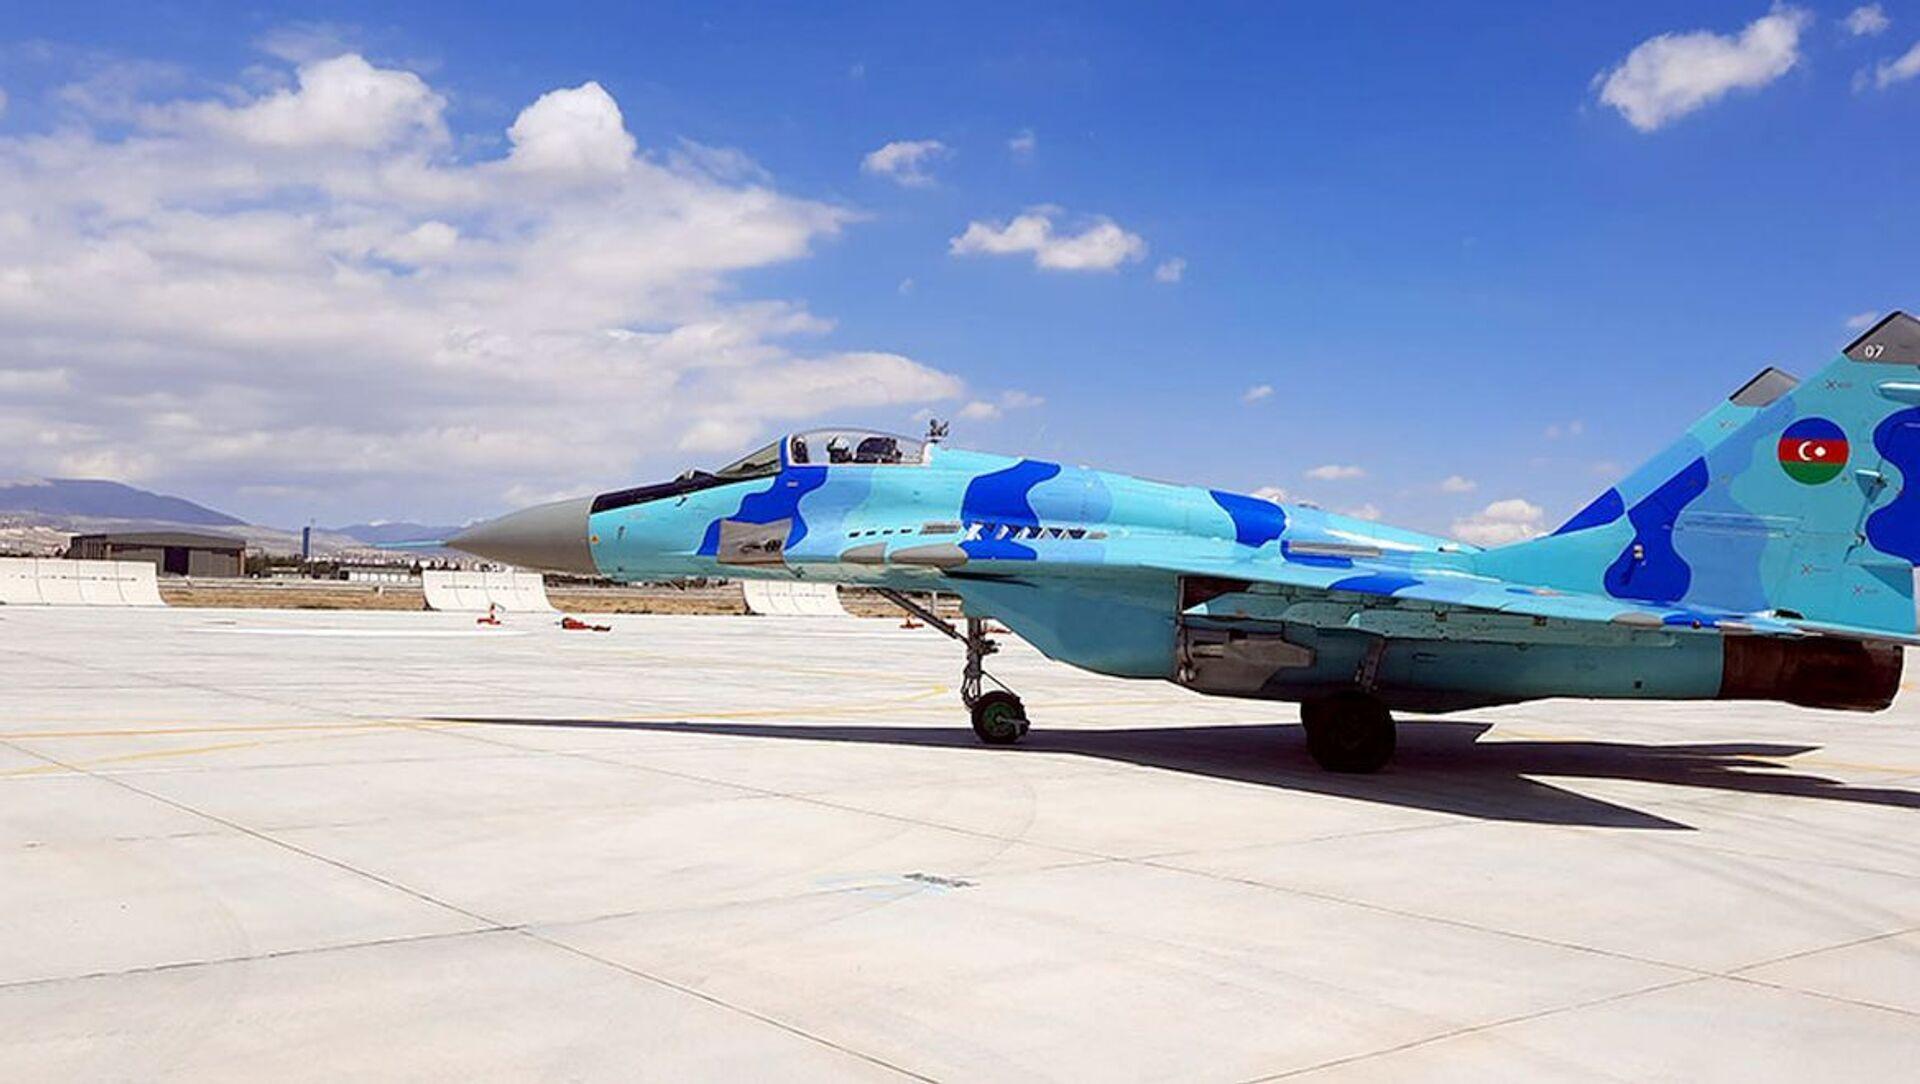 ВВС Азербайджана готовятся к учениям Анатолийский орел – 2021 - Sputnik Азербайджан, 1920, 01.09.2021